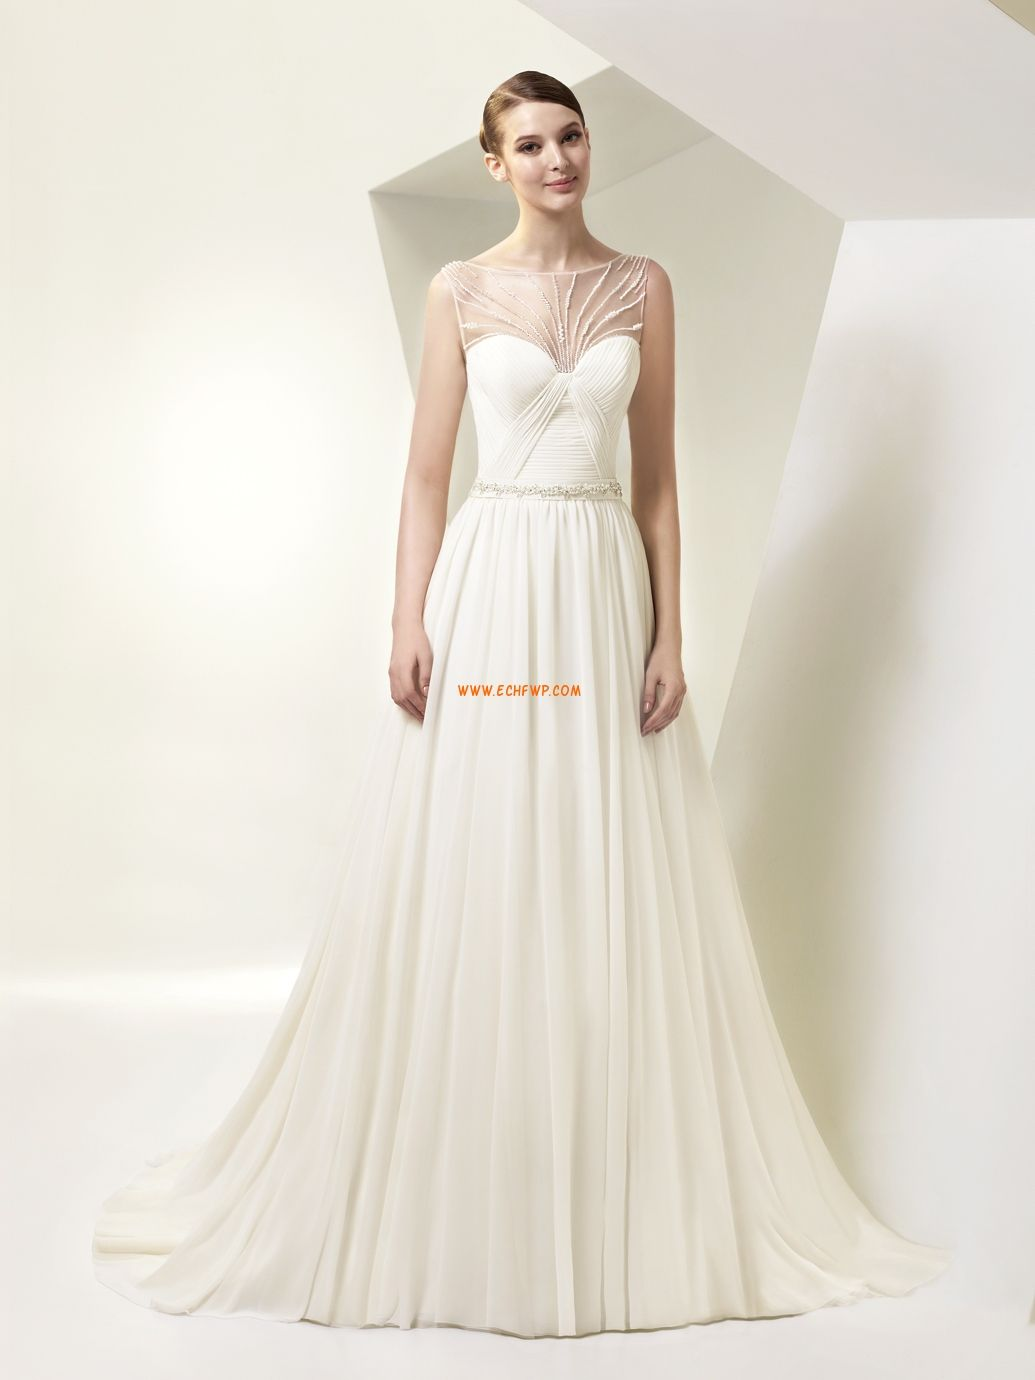 Priscilla of boston wedding dress  Avonalú Ujjatlan Menyasszonyi ruhák   Legszebb esküvői ruhák